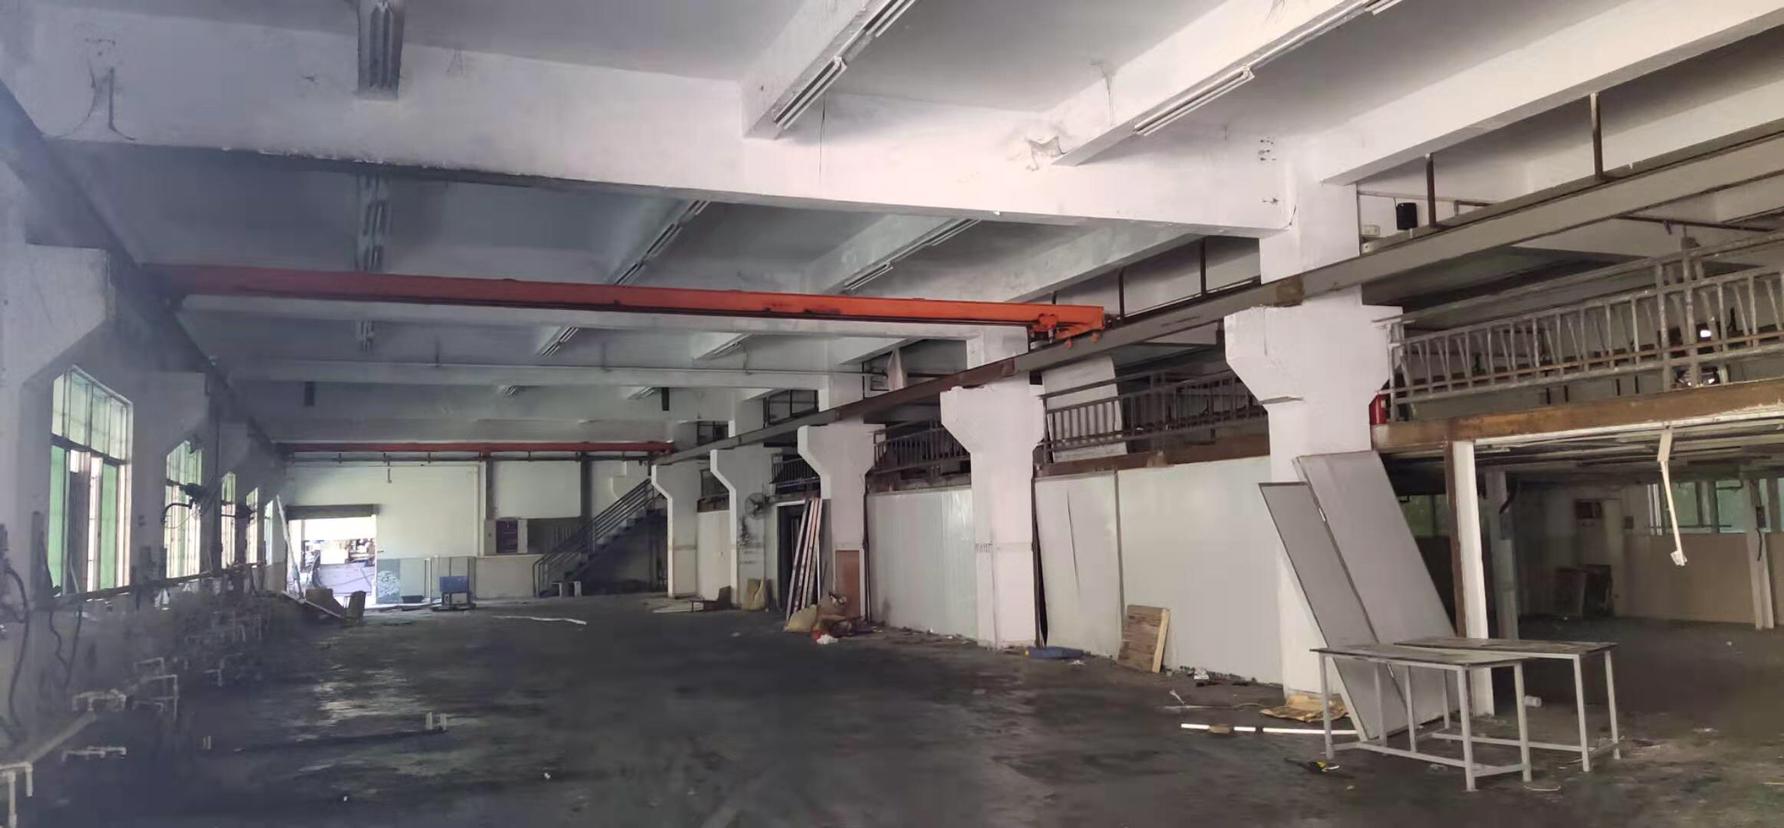 石排镇原房东重工业厂房滴水9米面积1500平米出租